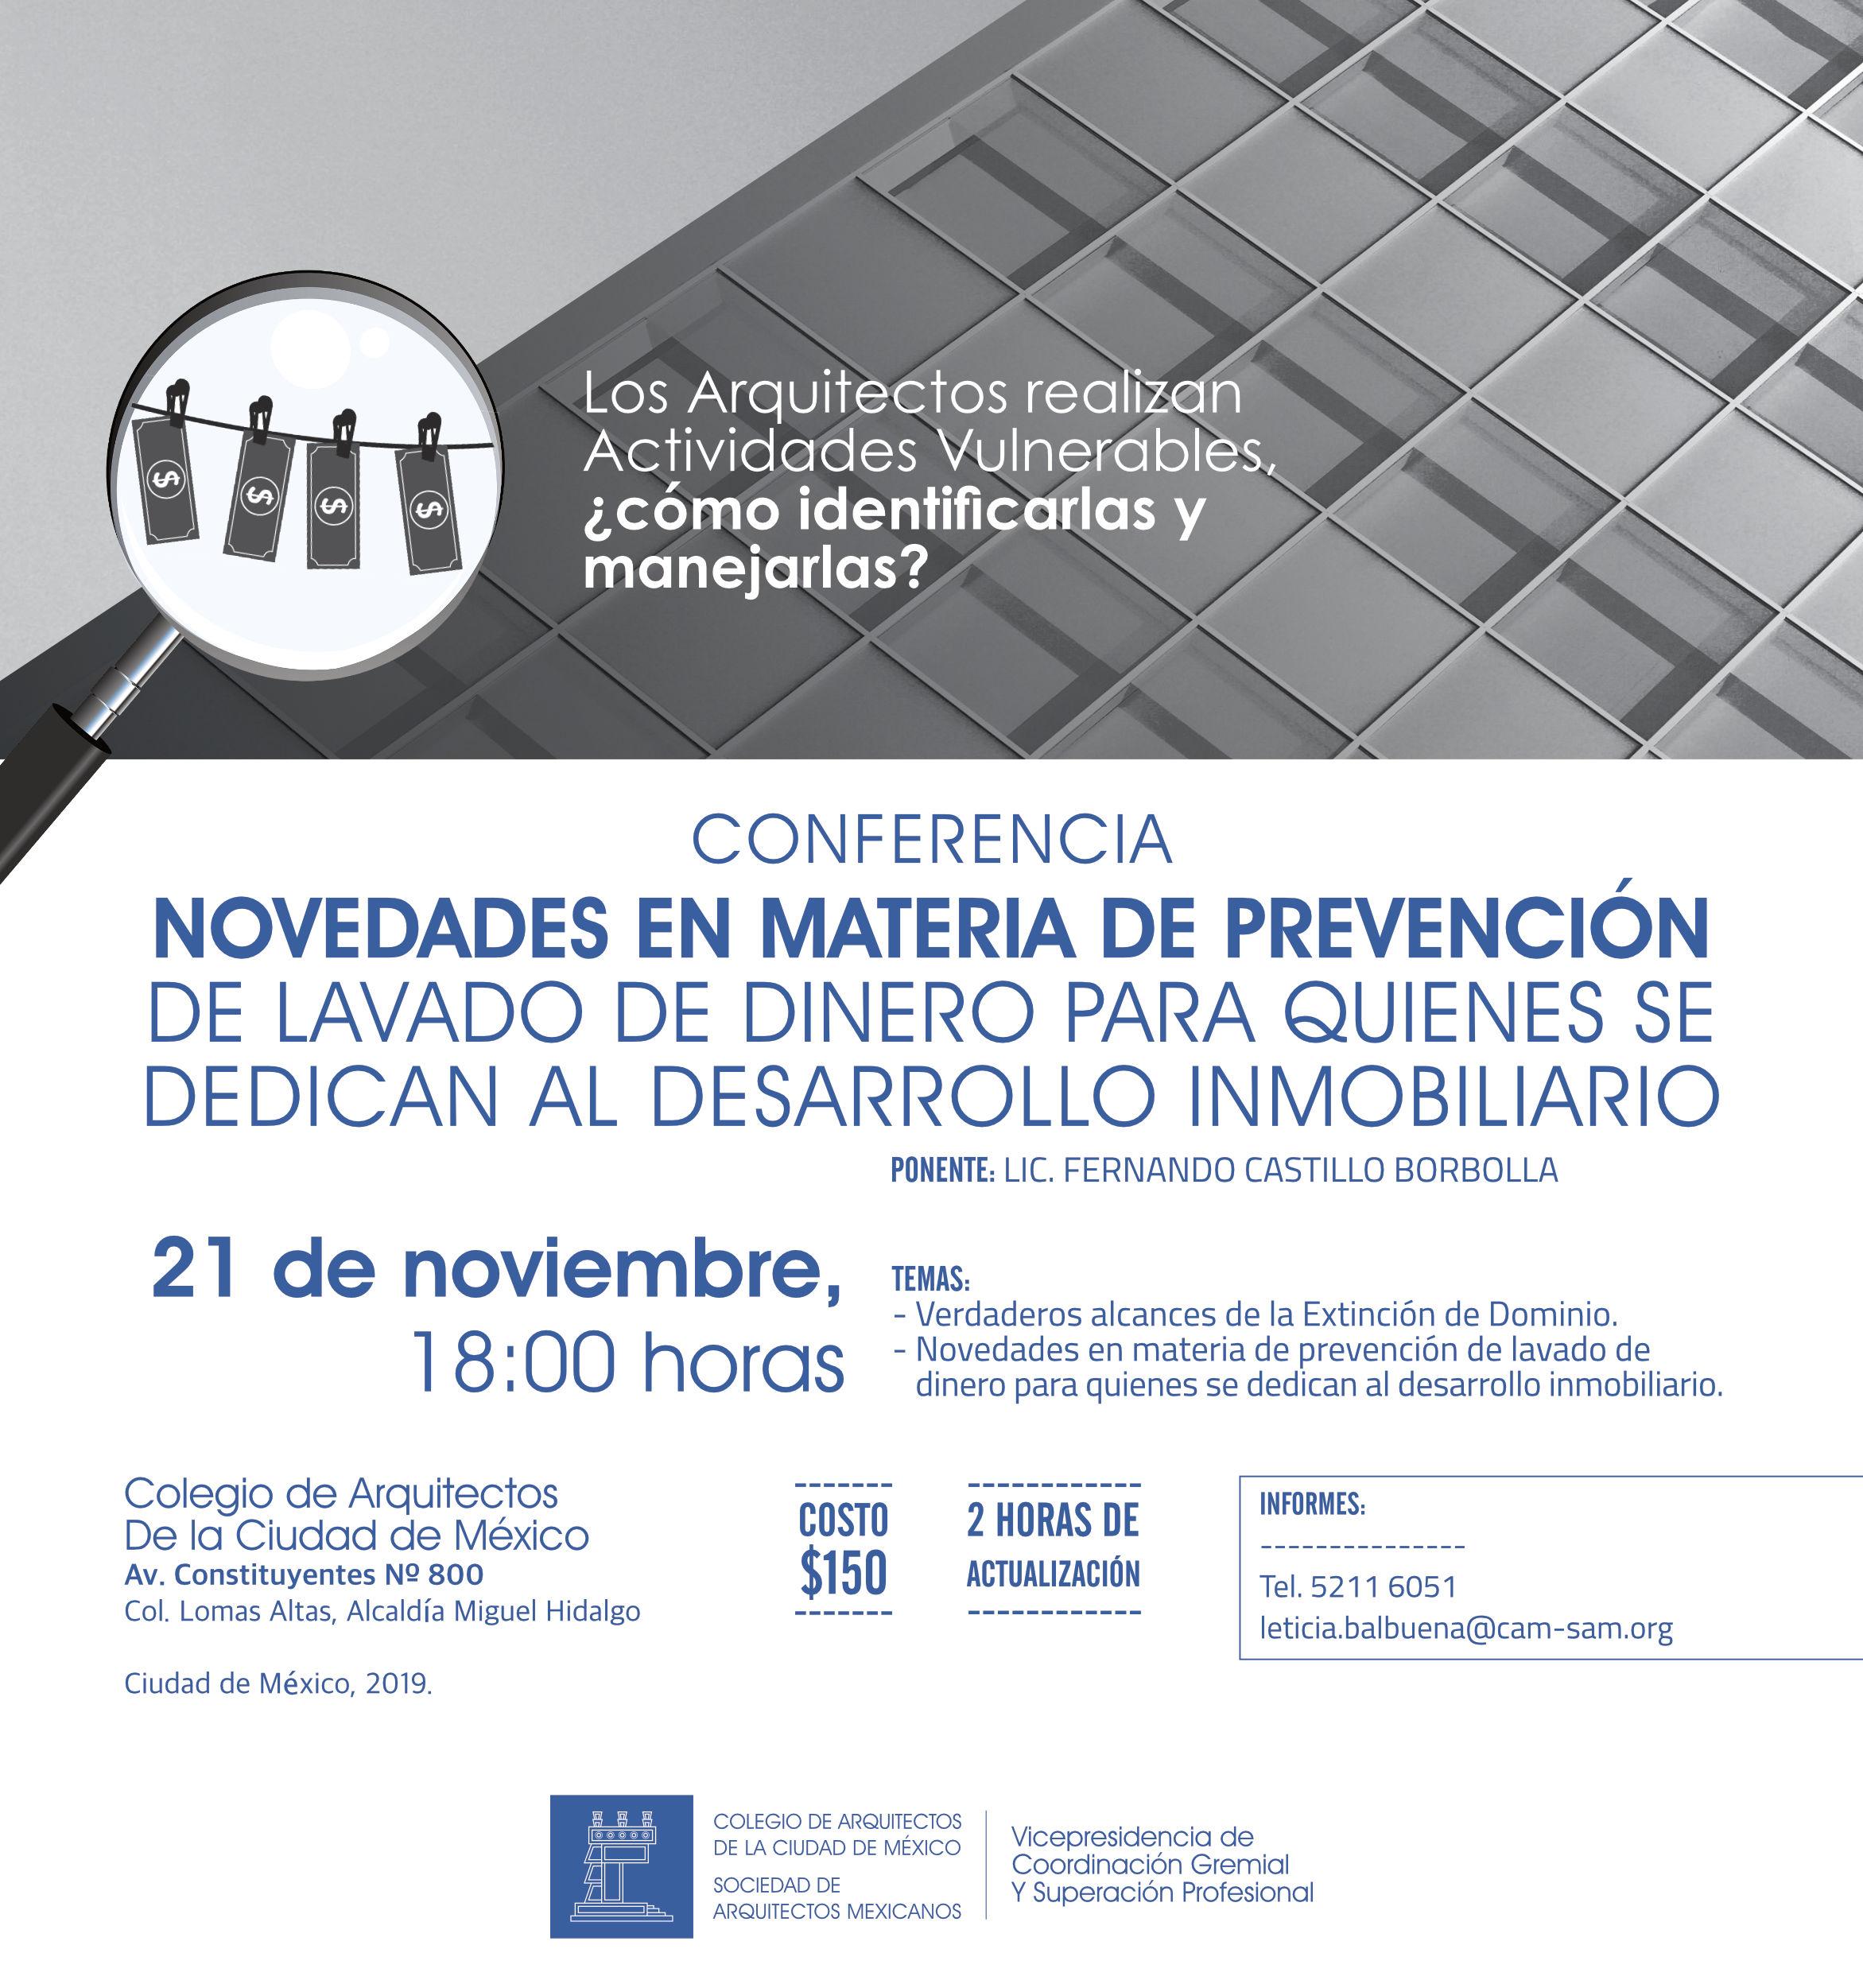 Conferencia Novedades en materia de prevención